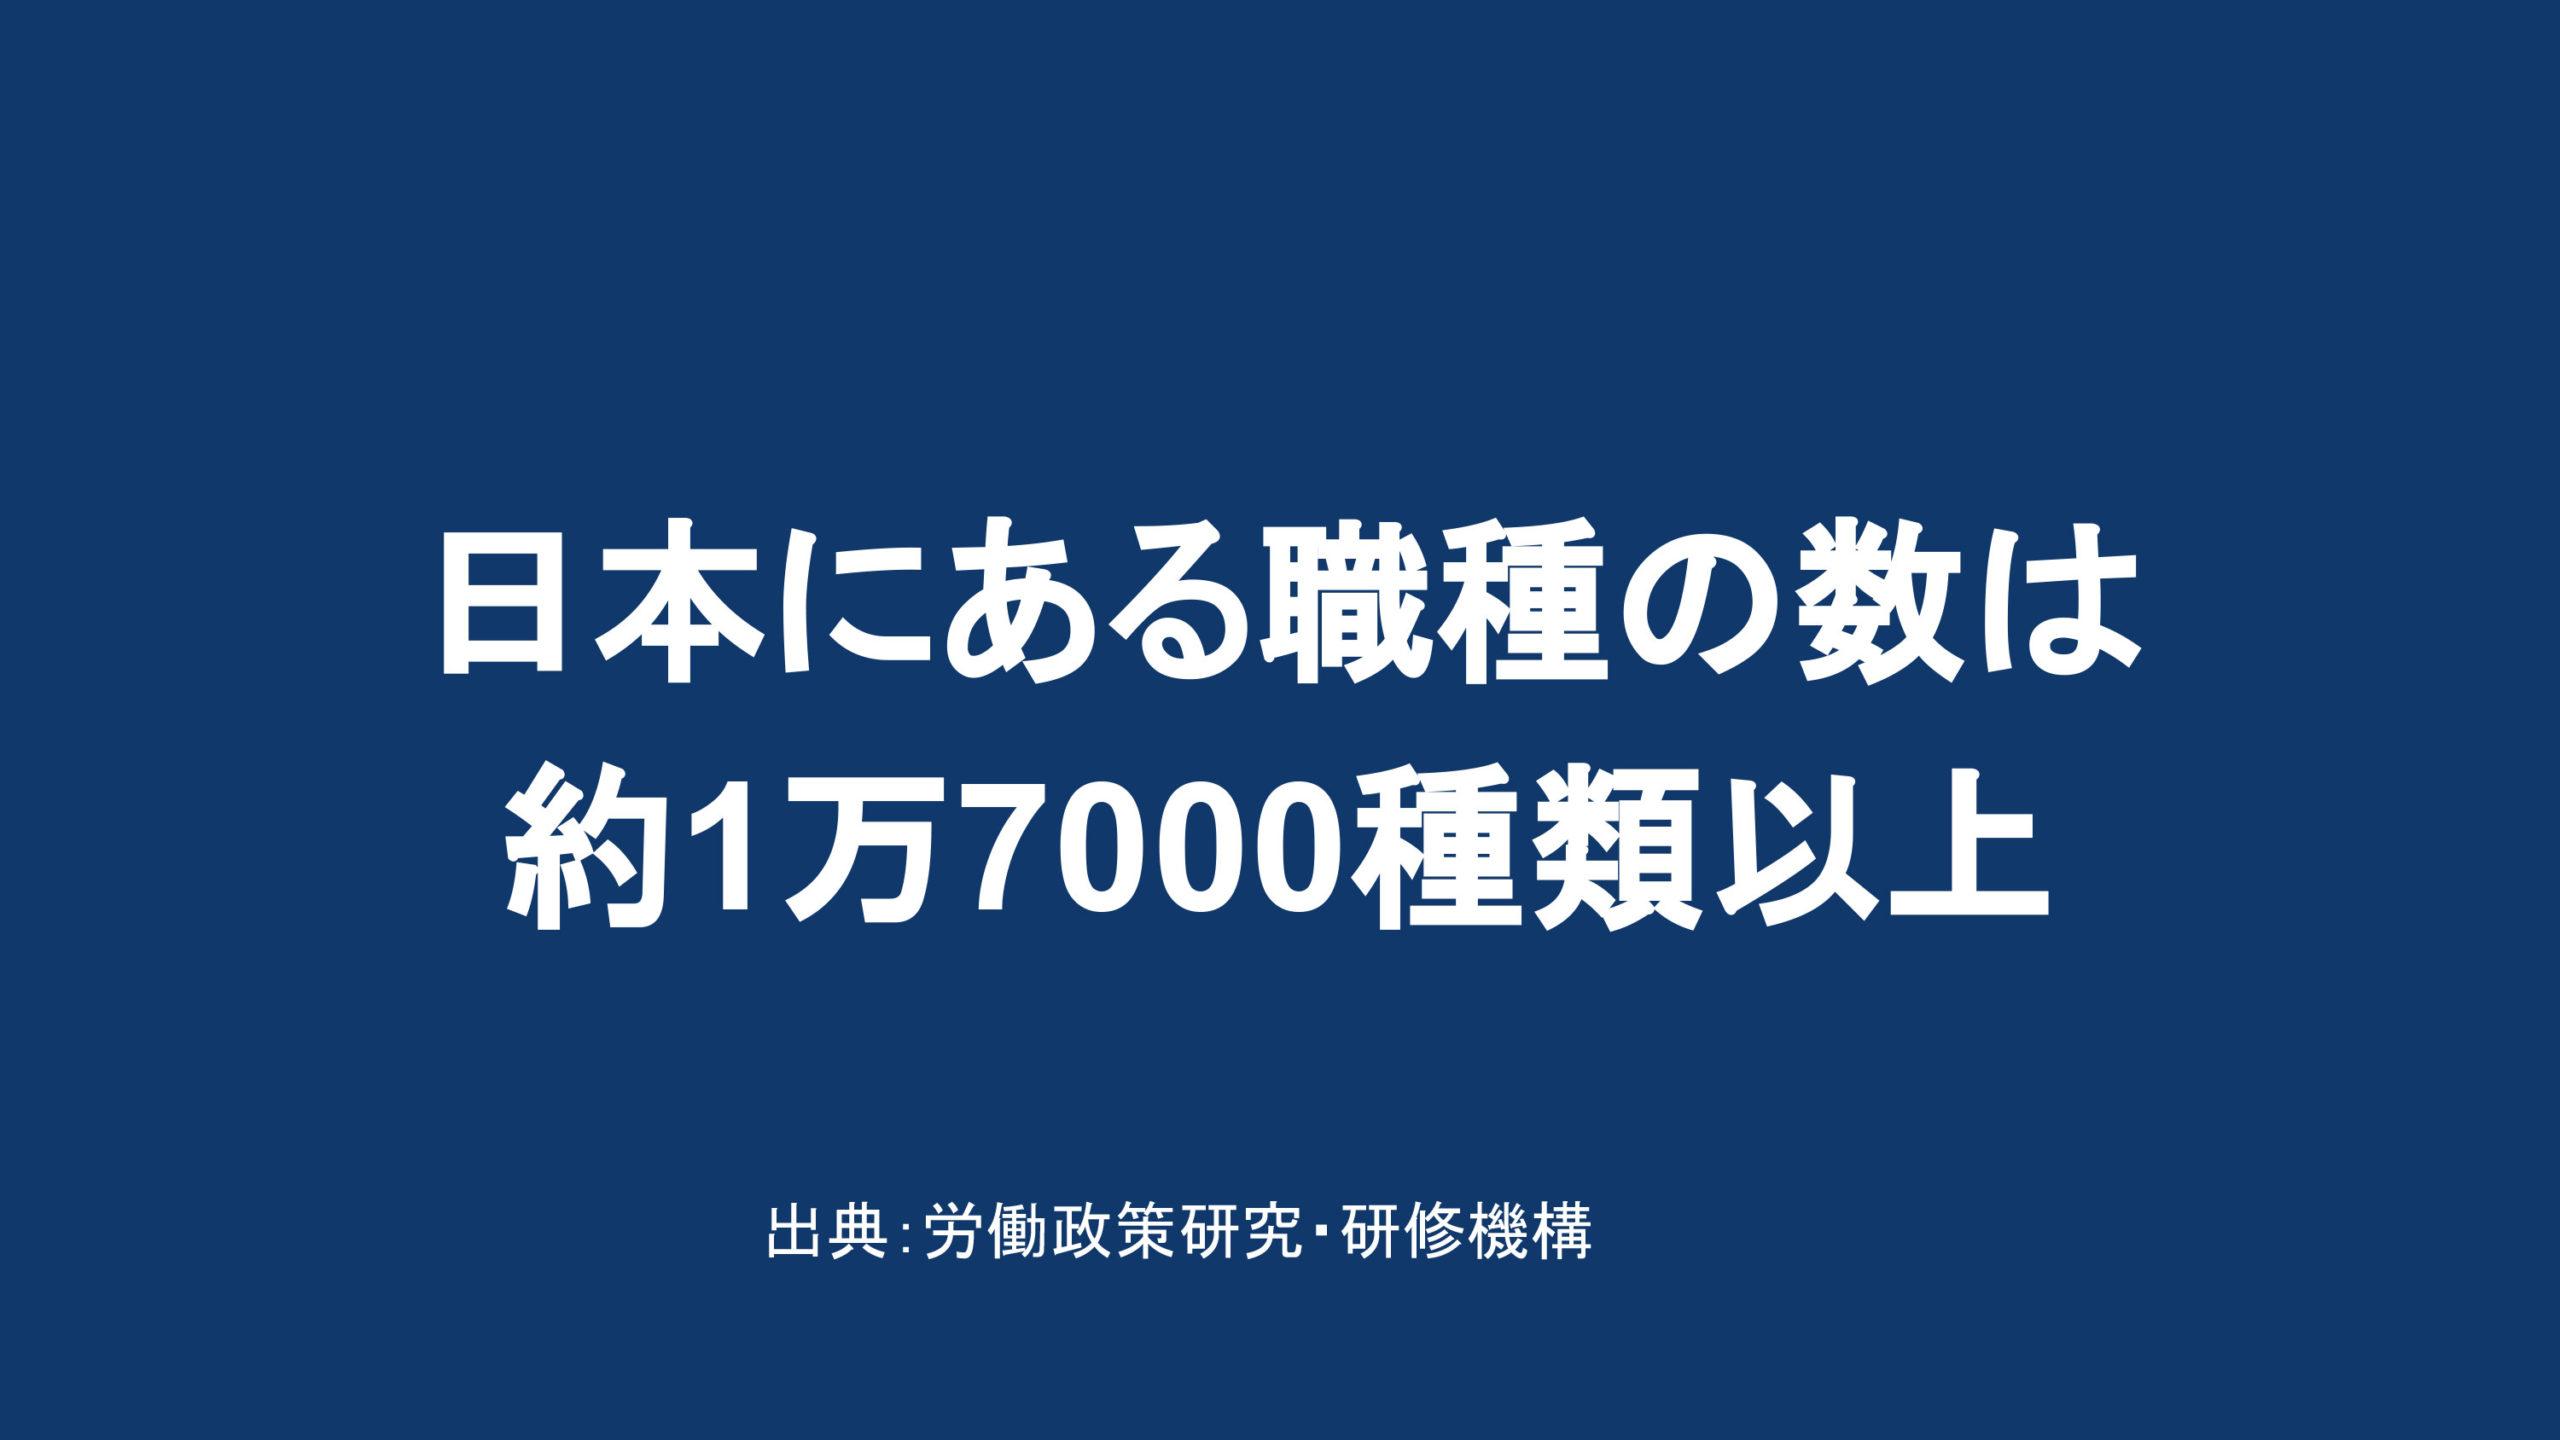 日本にある職種の数は 約1万7000種類以上